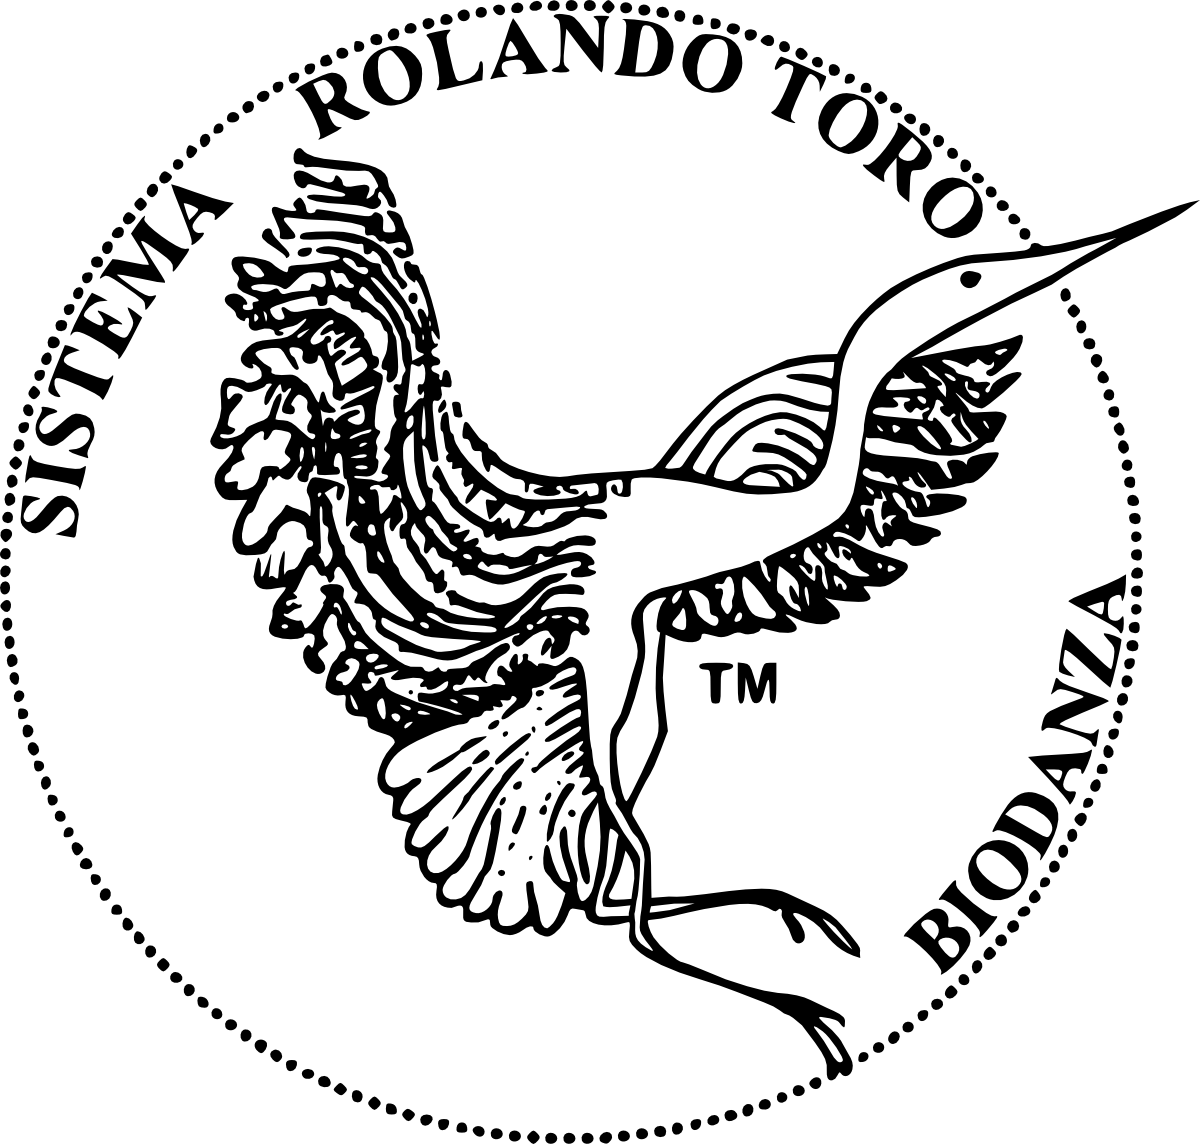 biodanza-logo-ibf-vectorizado